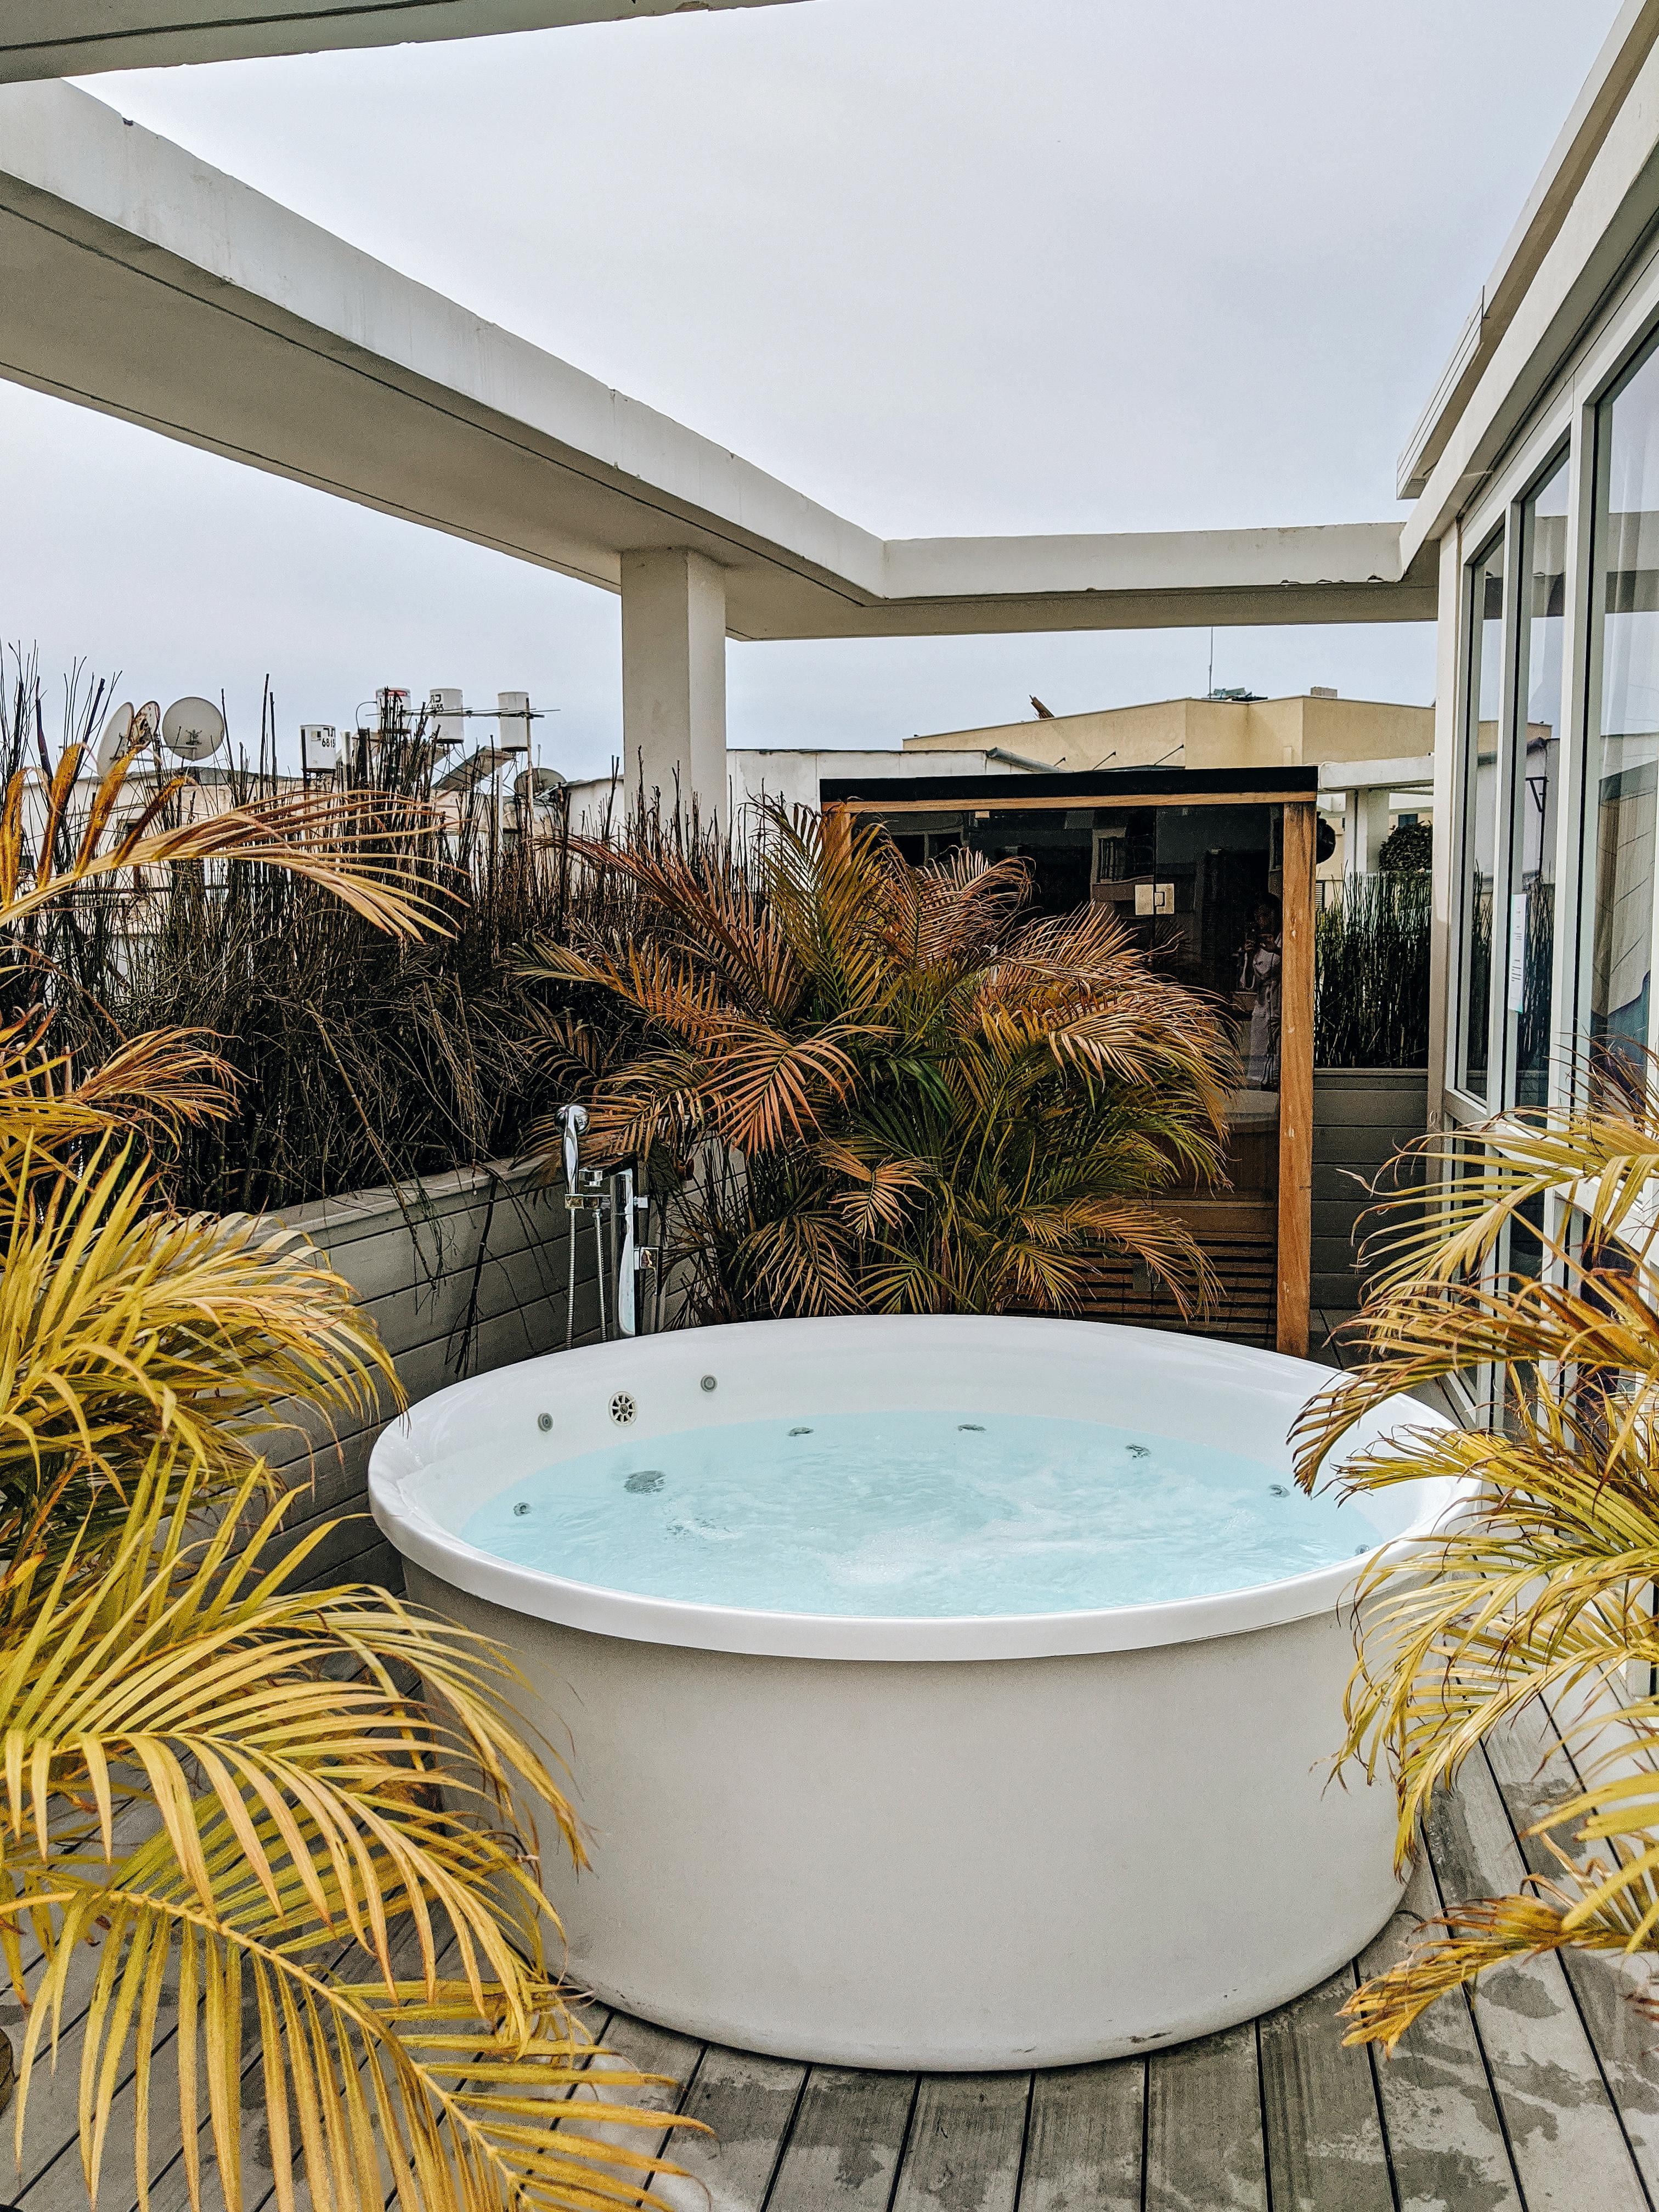 Spa day at Polihouse hotel Tel Aviv